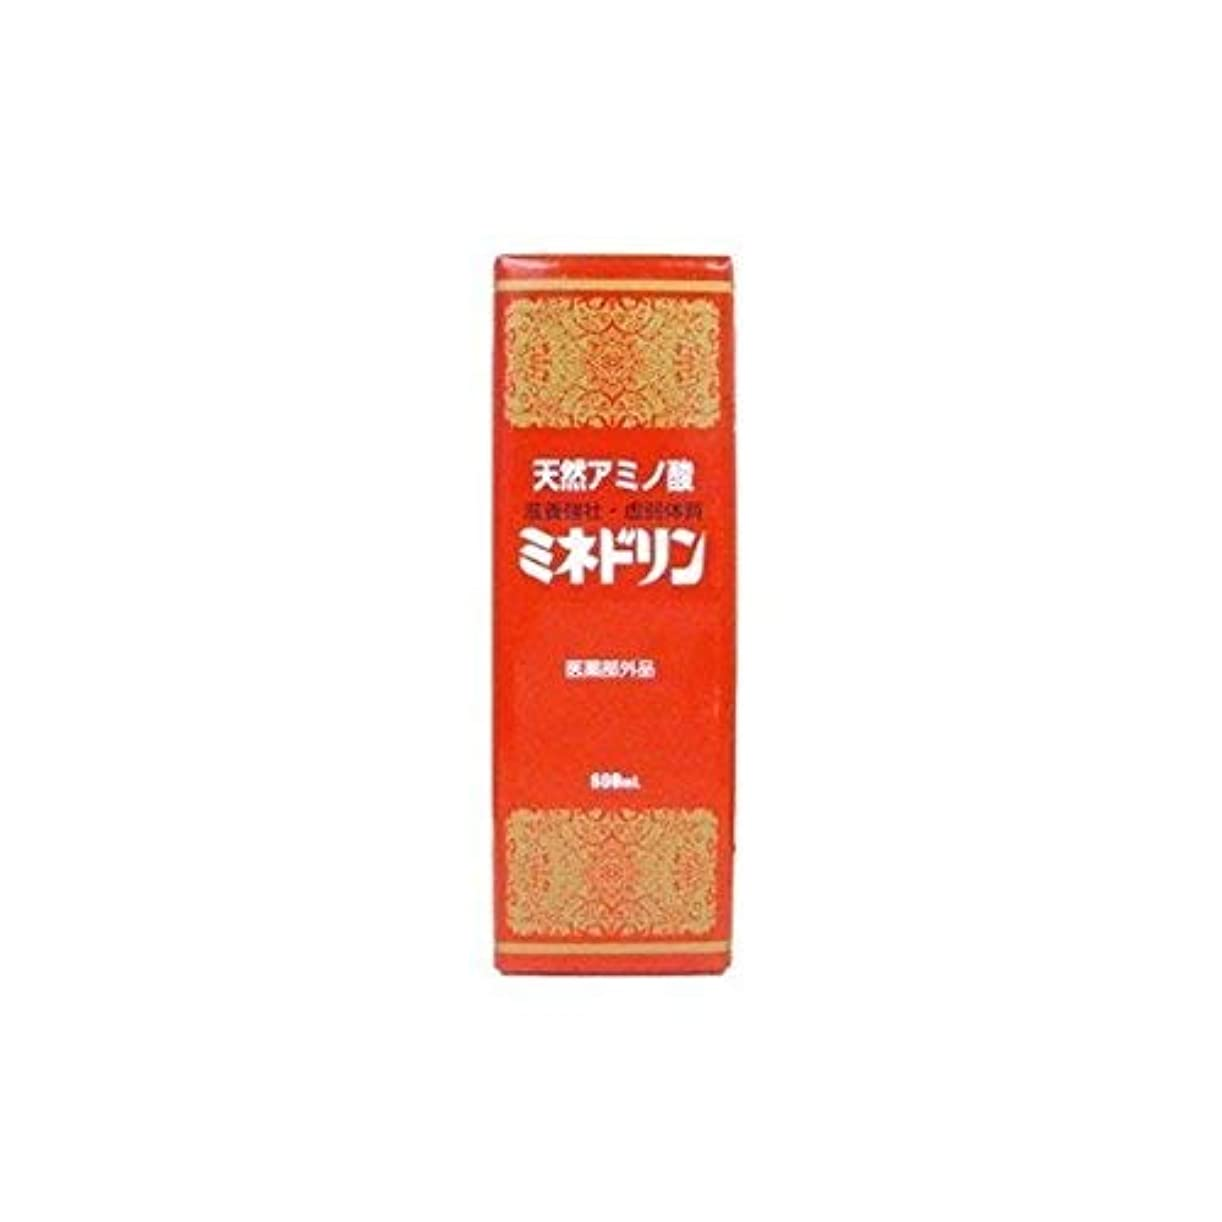 ウェイター市町村微生物伊丹製薬 ミネドリン 600ml ×12本